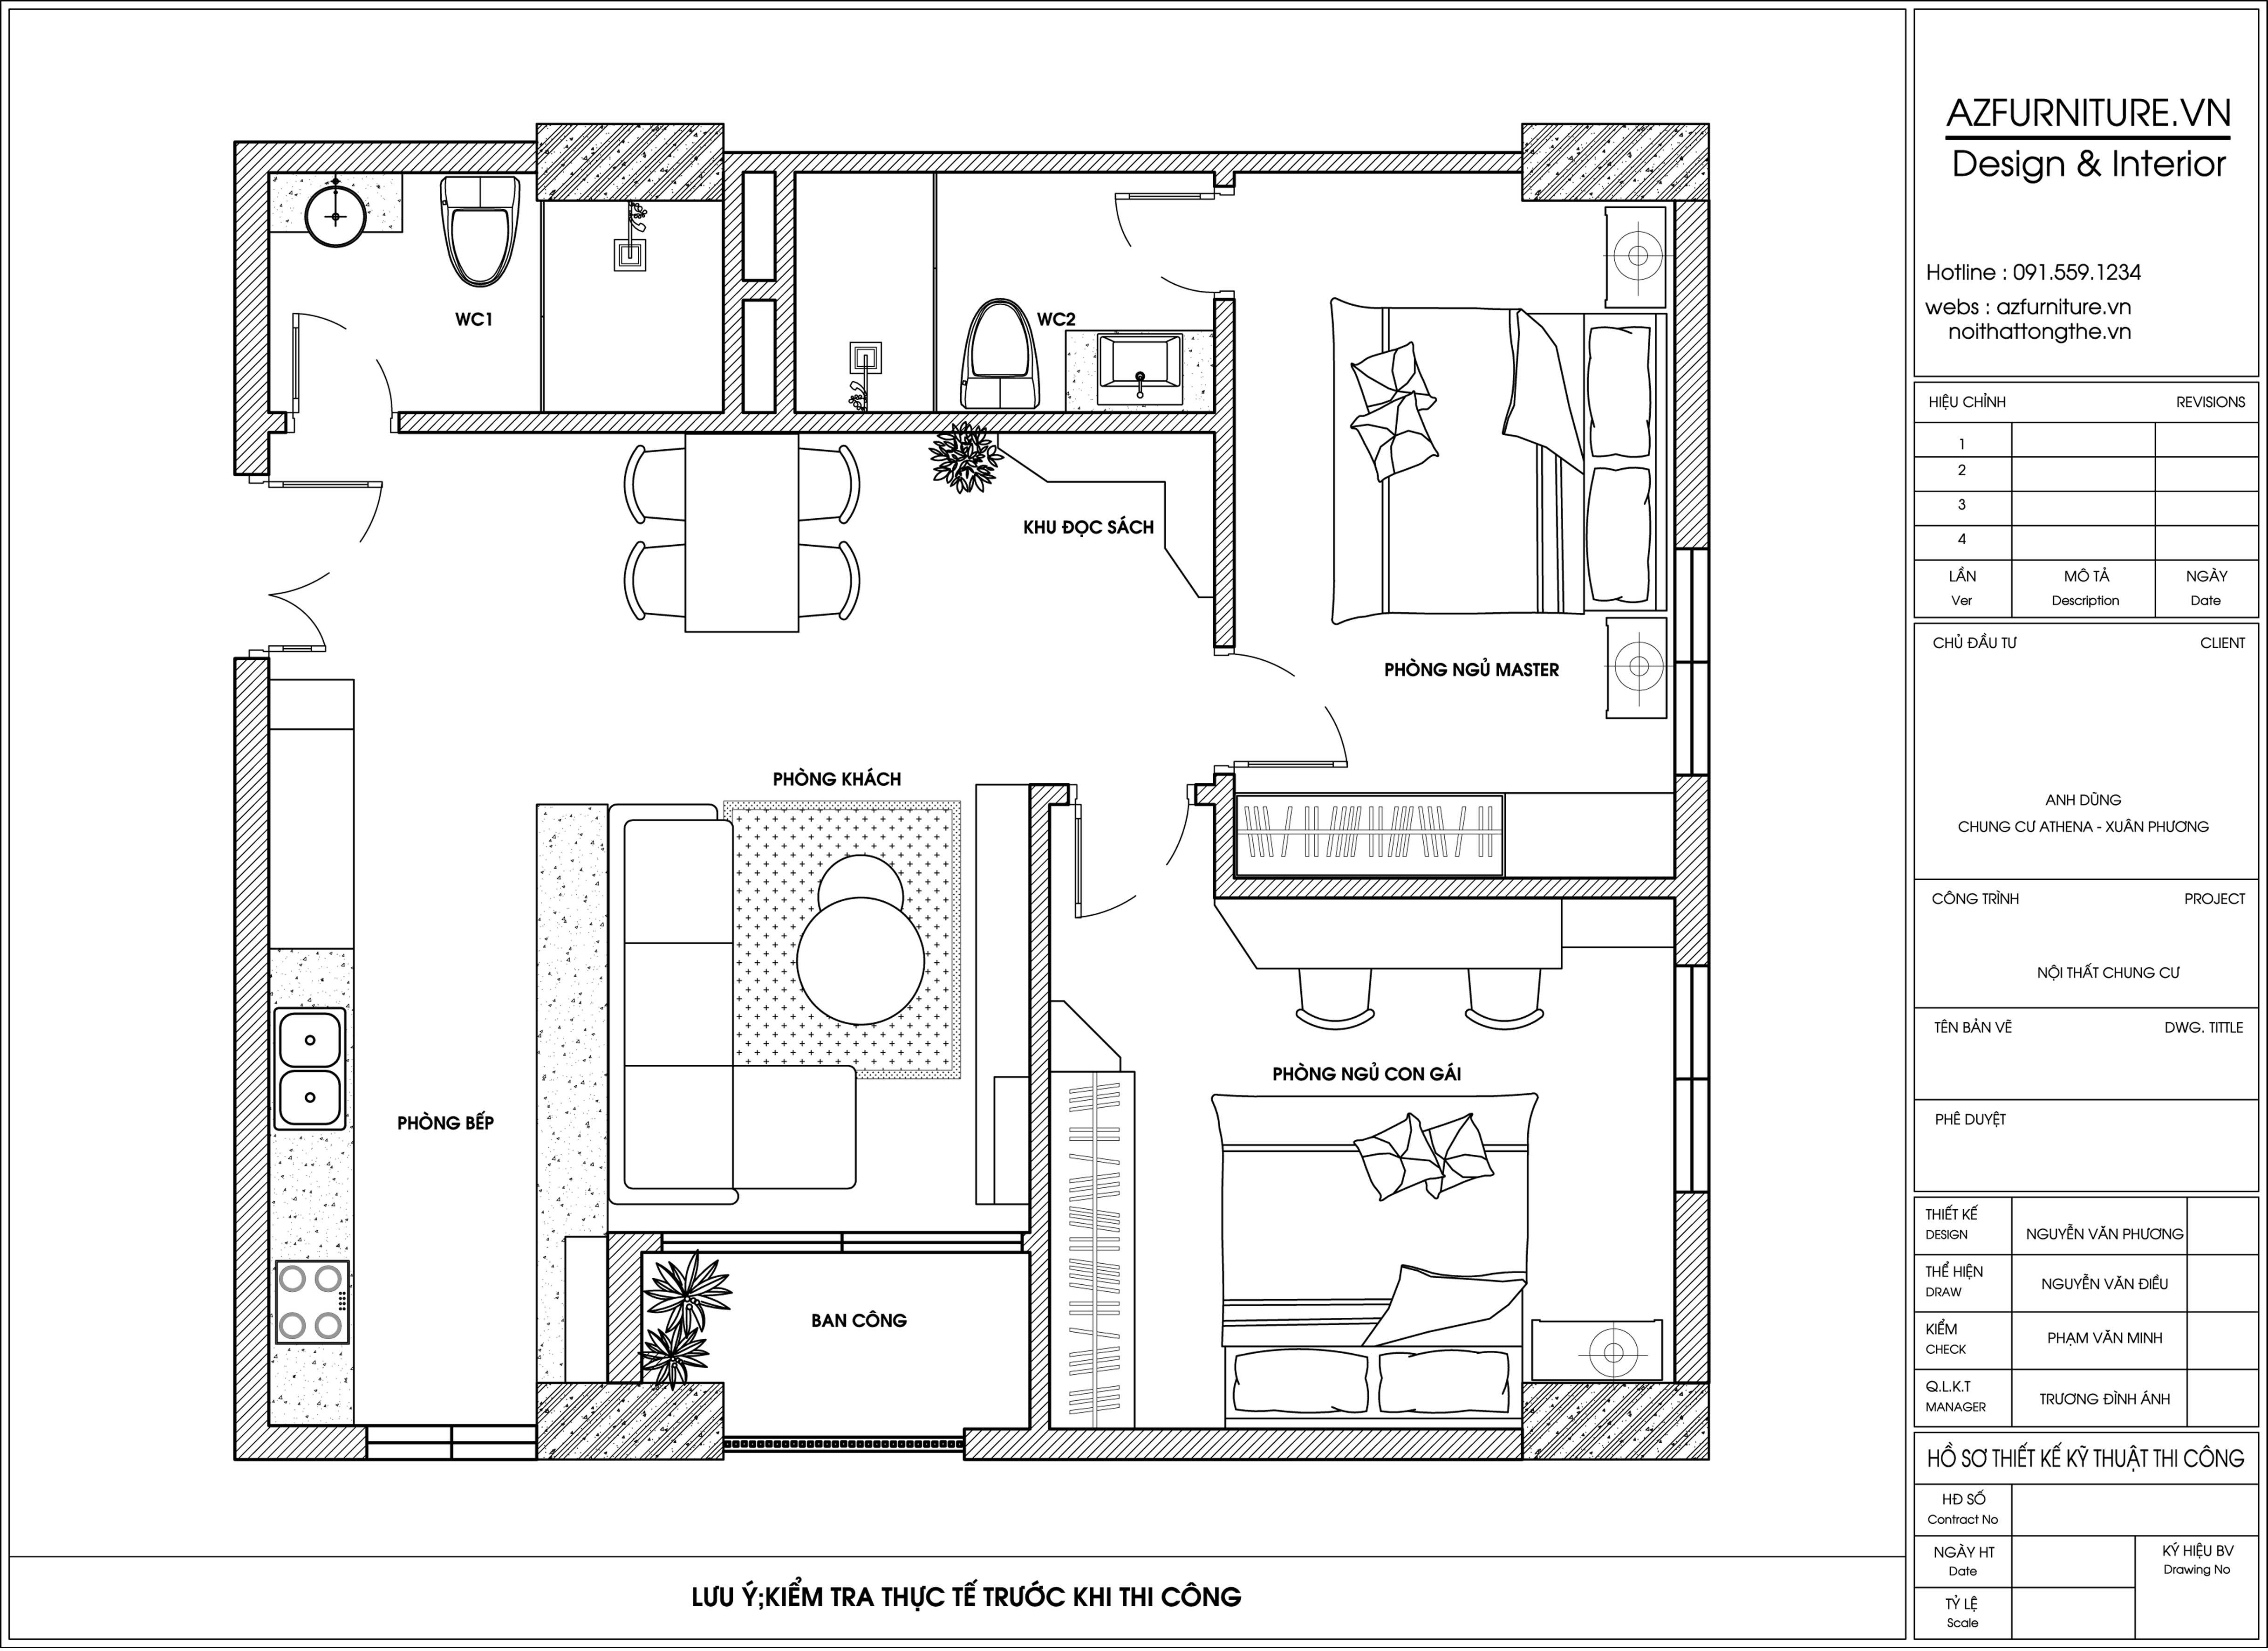 Thiết kế thi công nội thất chung cư hiện đại